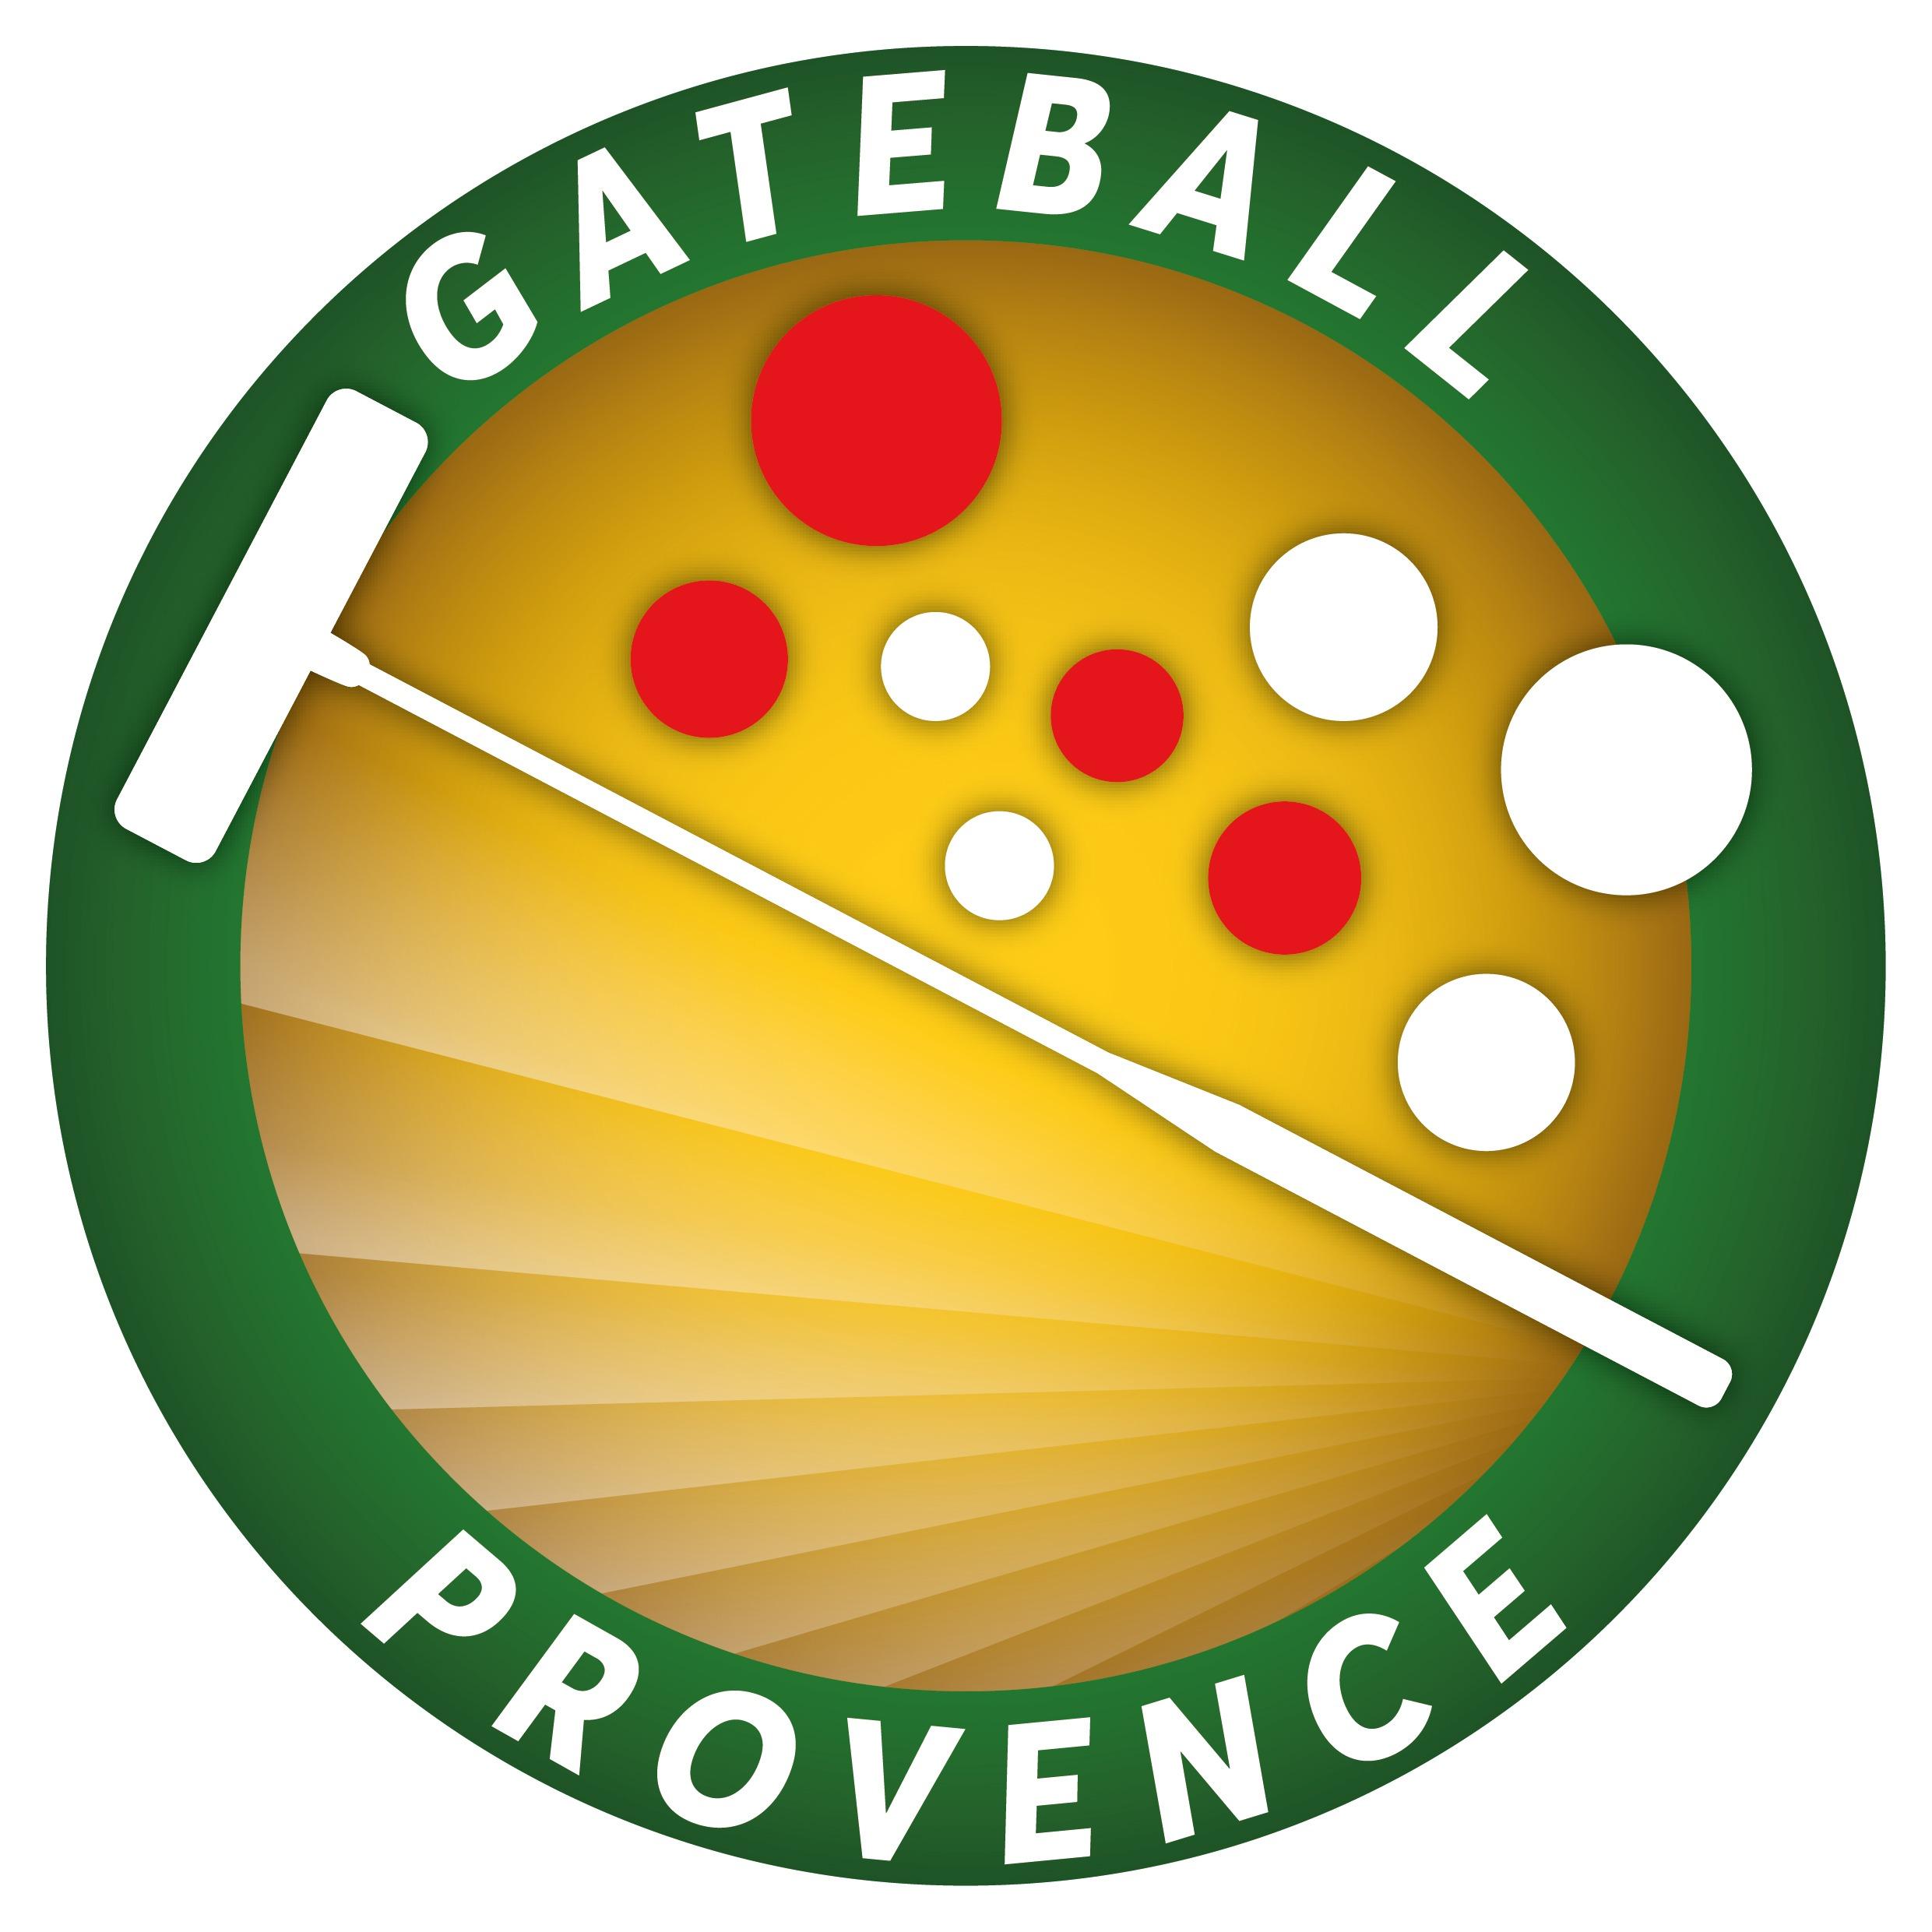 5 ème OPEN de PROVENCE GATEBALL – 08/10 Octobre 2021 à Saint-Cannat 13760